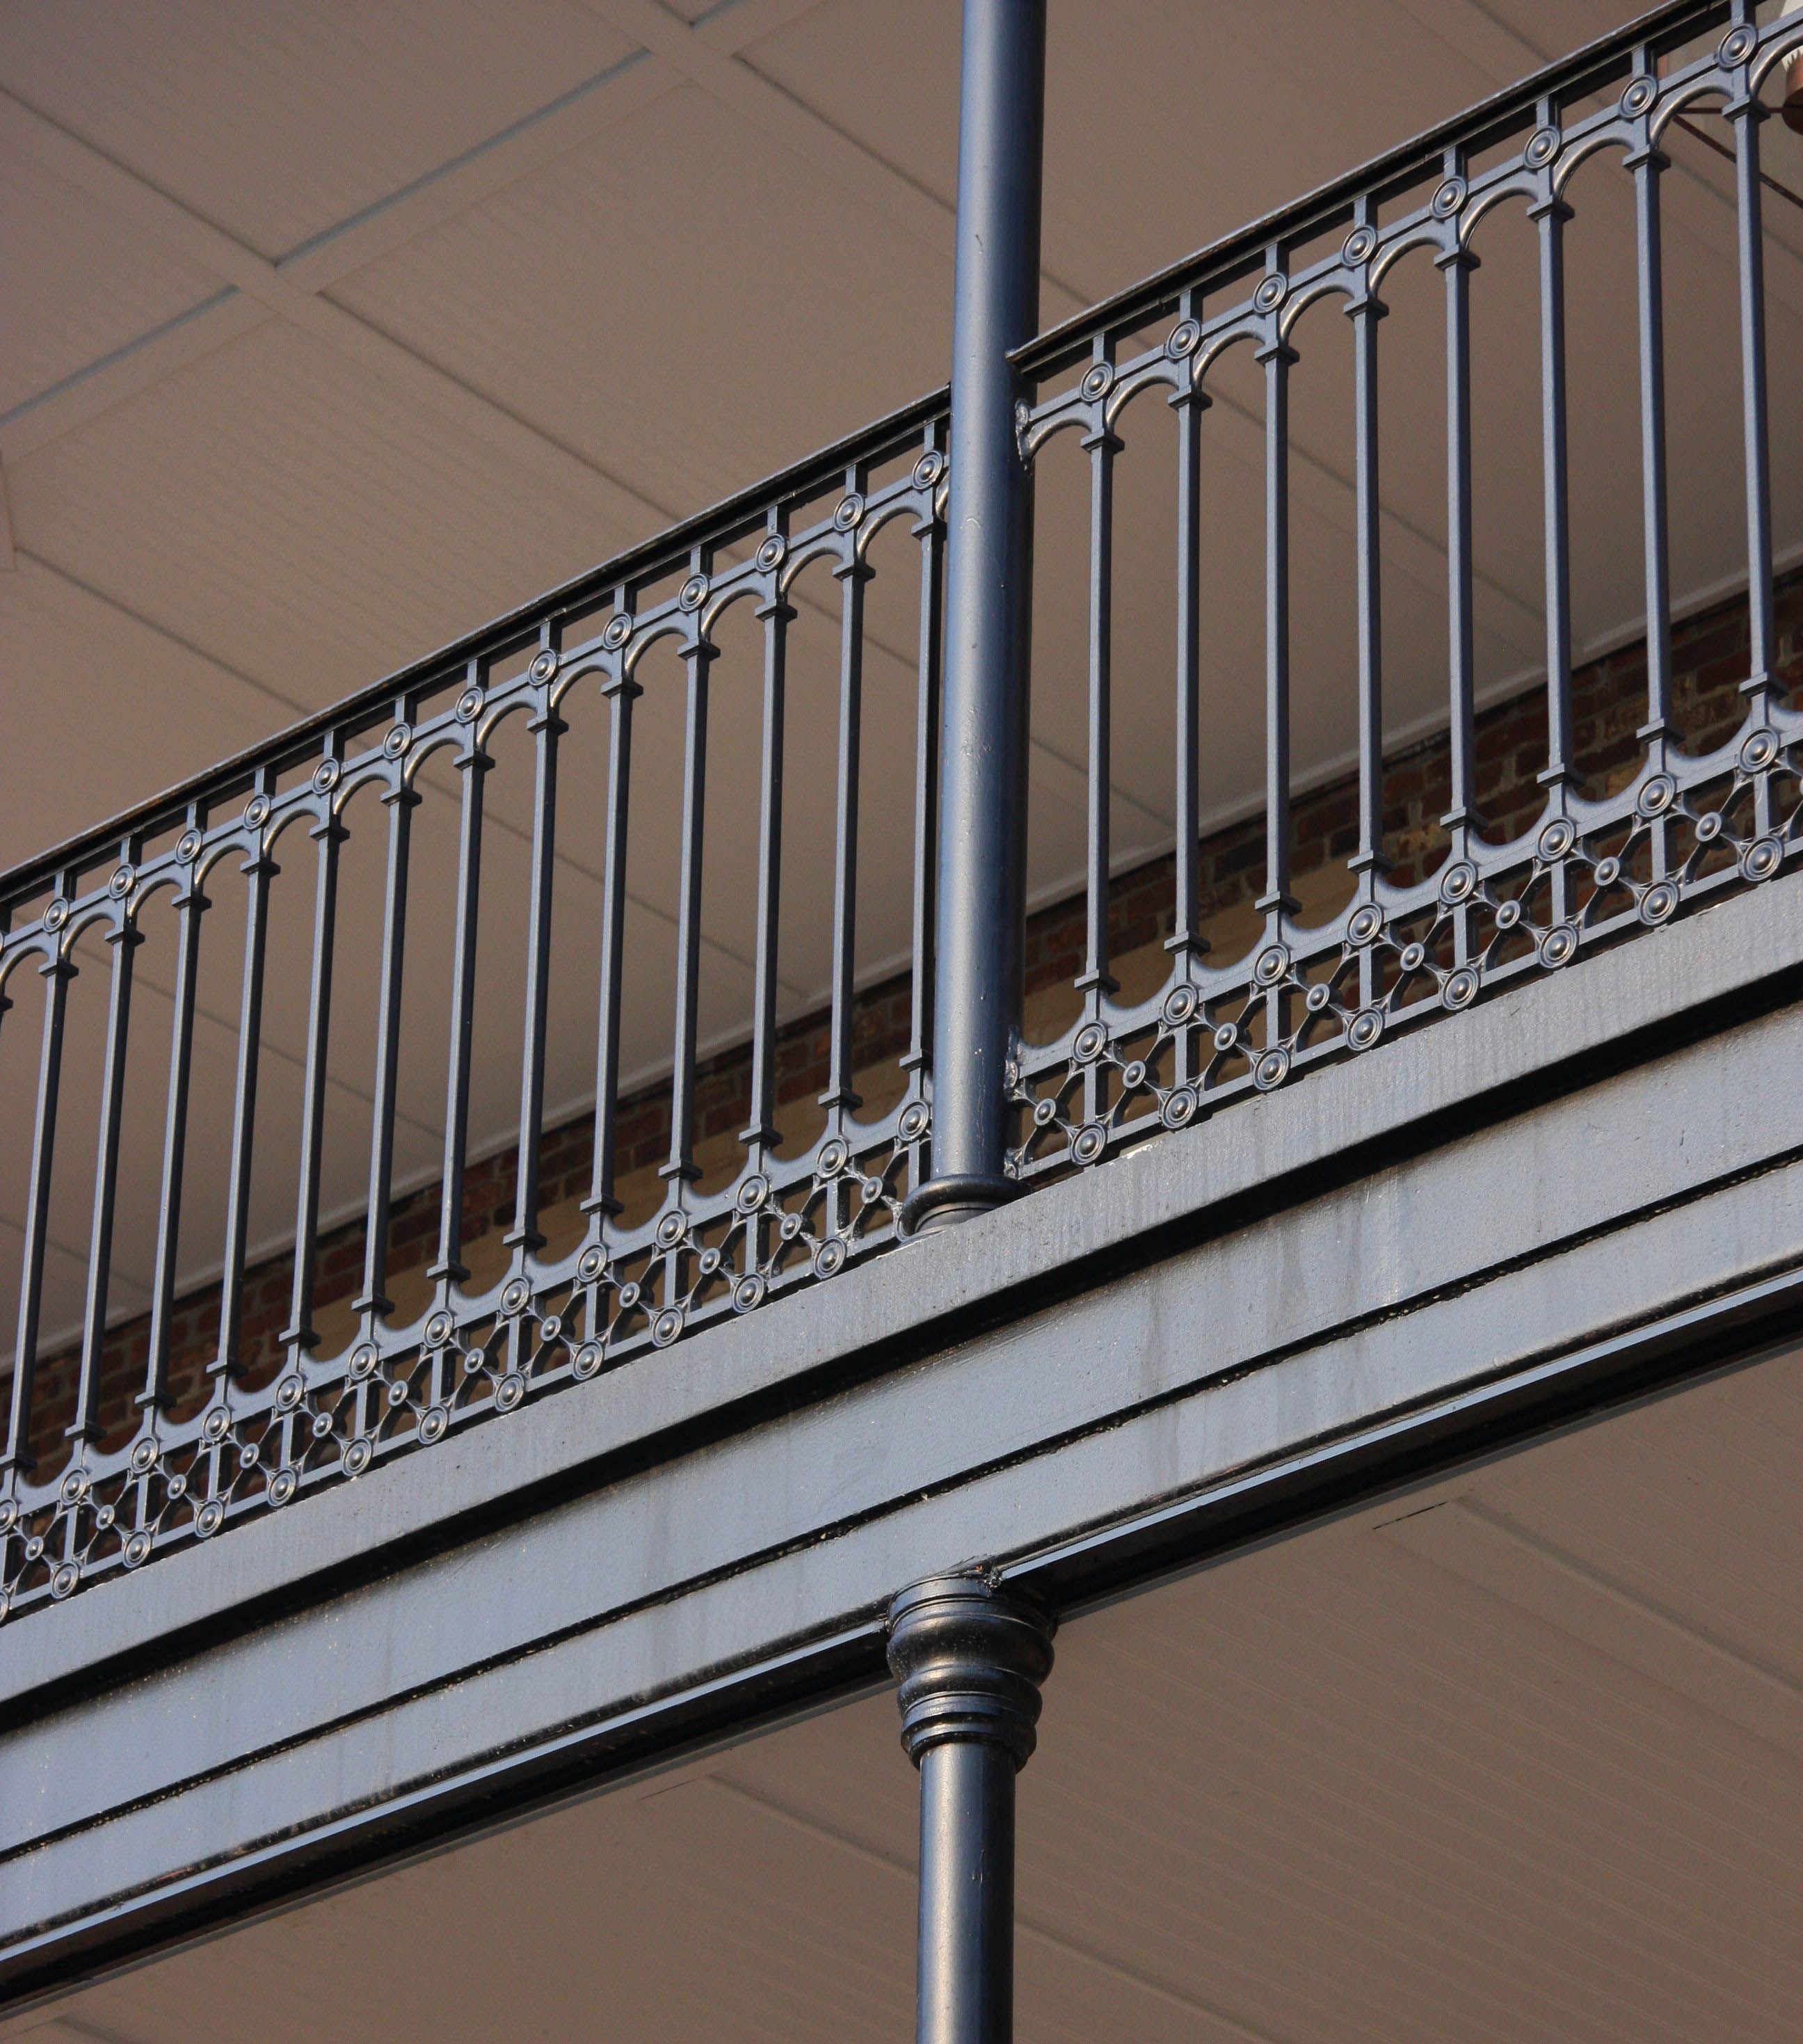 20 Artistic Deck Railing Ideas For Inspiration Zeltahome Com Balcony Railing Design Railing Design Iron Balcony Railing